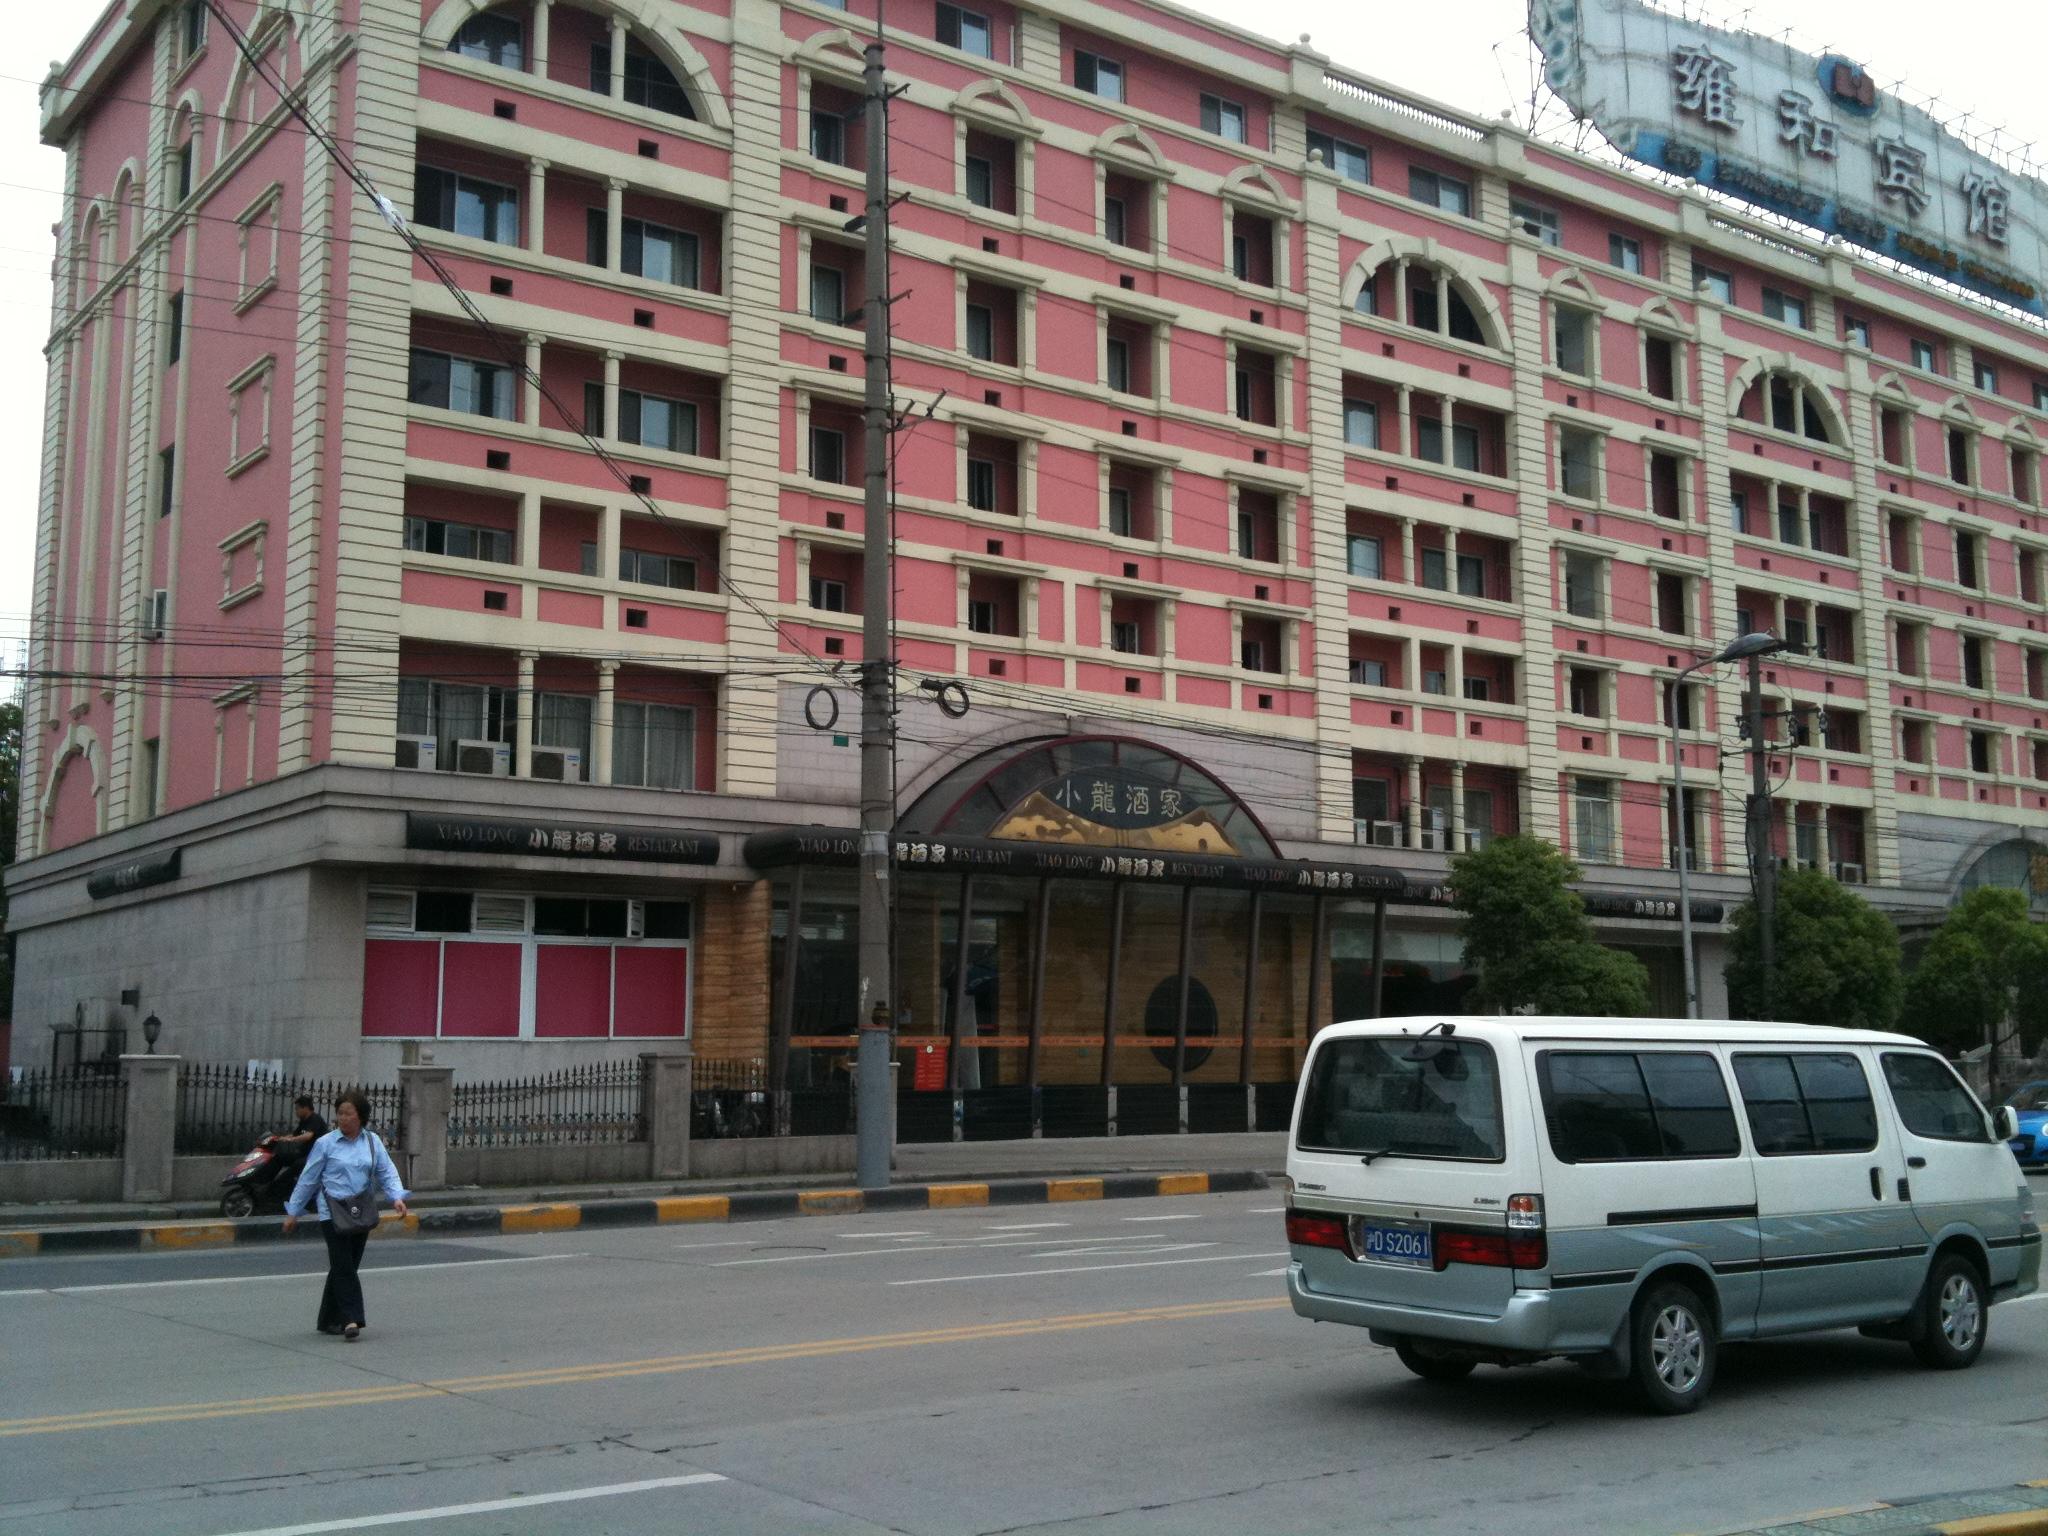 b&q kitchens ikea kitchen counters 上海の 小龍酒家 小龍茶館 実は先日 錦江楽園の近くの 百安居b q に出かけたときに 向かいに というレストランを見つけてしまったからだ